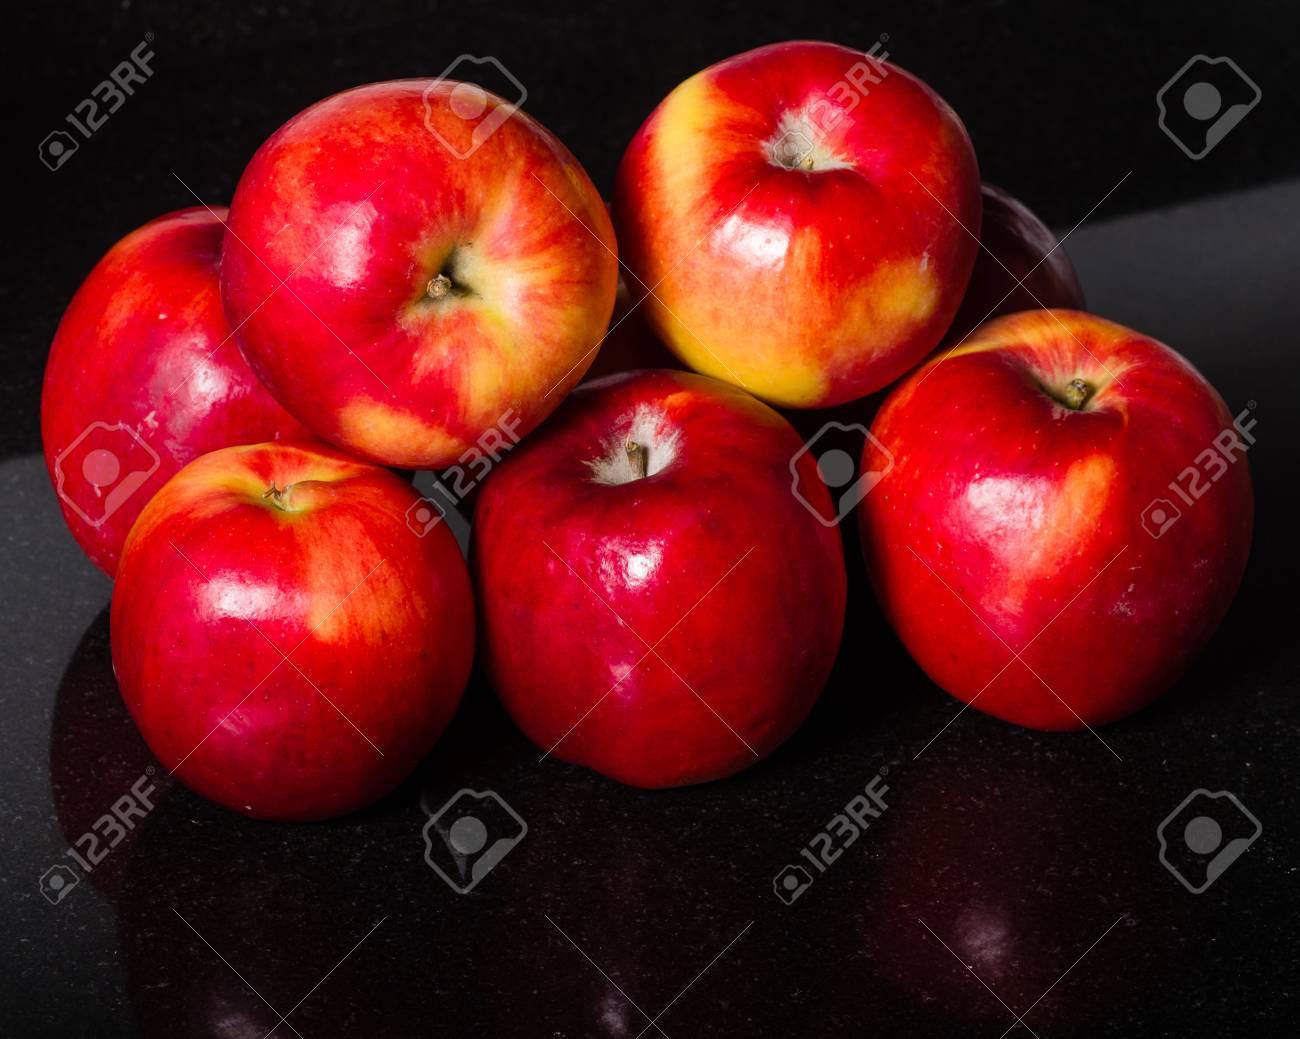 Gruppe Von Roten Apfeln Auf Einem Schwarzen Granit